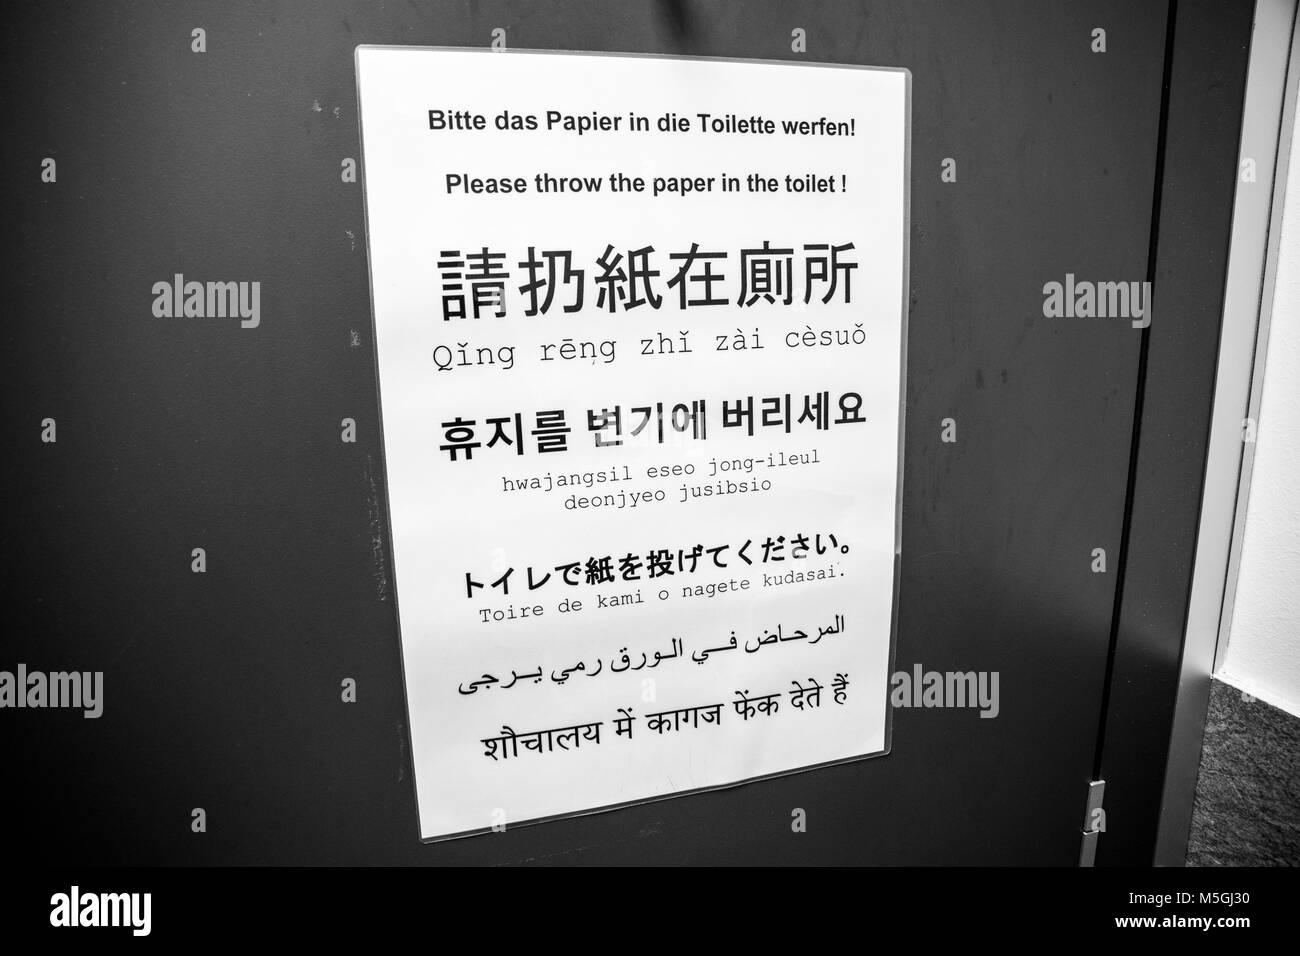 Zeichen In Einem Badezimmer Den Leuten Das Papier In Die Toilette